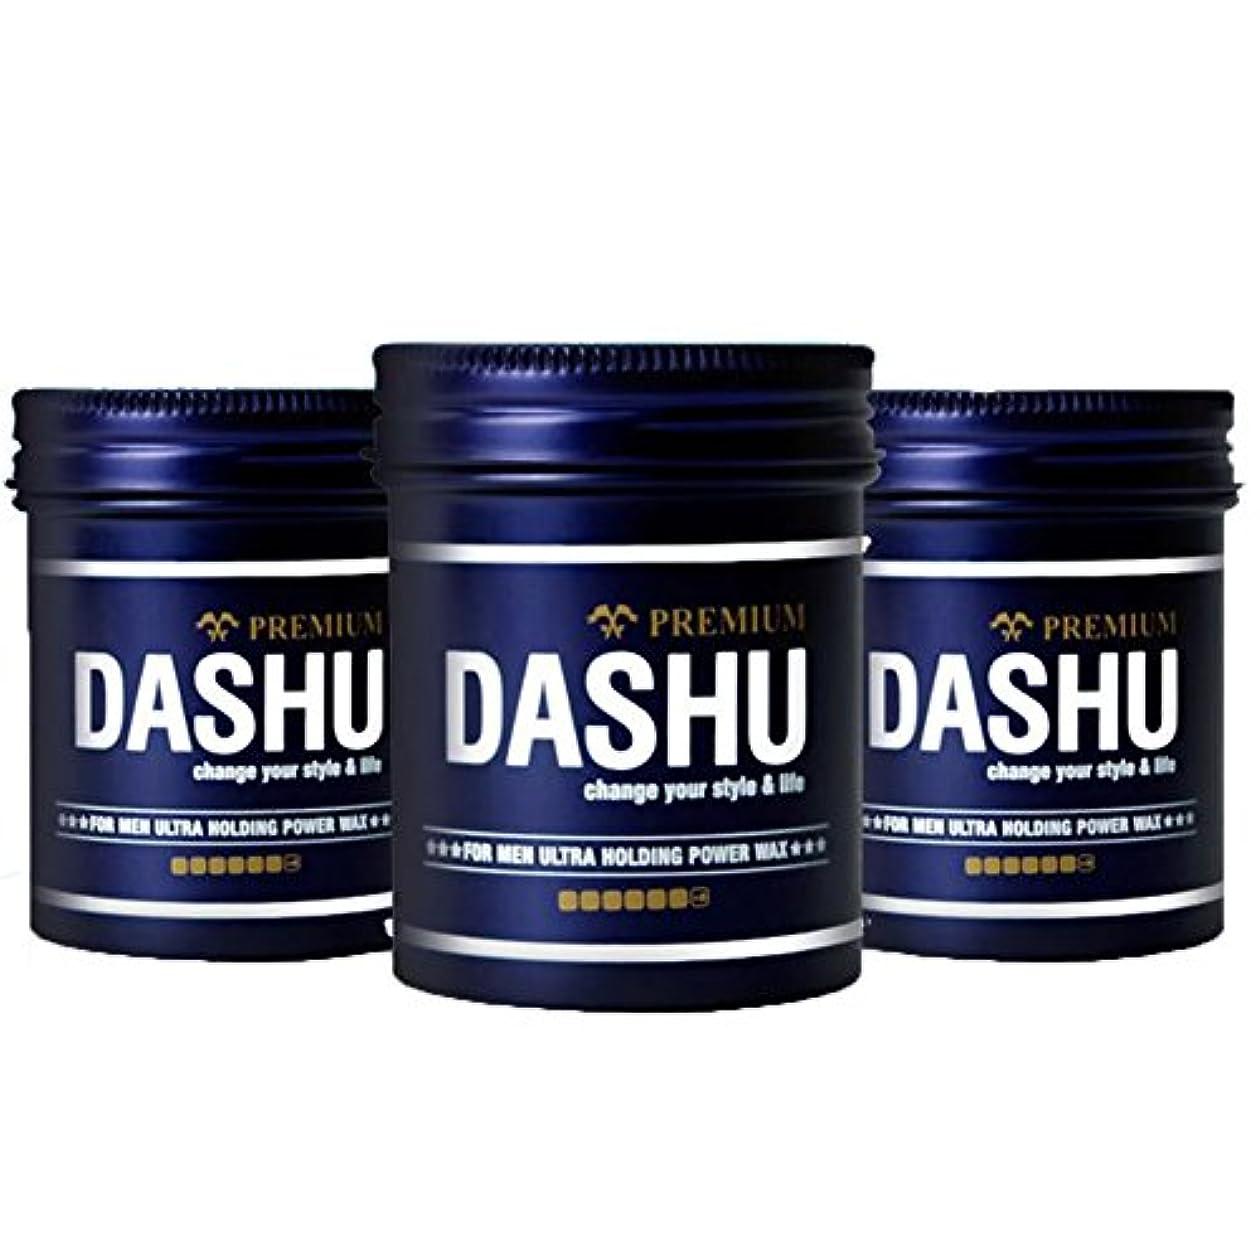 剪断会話毎日(3個セット) x [DASHU] ダシュ For Men男性用 プレミアムウルトラホールディングパワーワックス Premium Ultra Holding Power Hair Wax 100m l/ 韓国製 . 韓国直送品